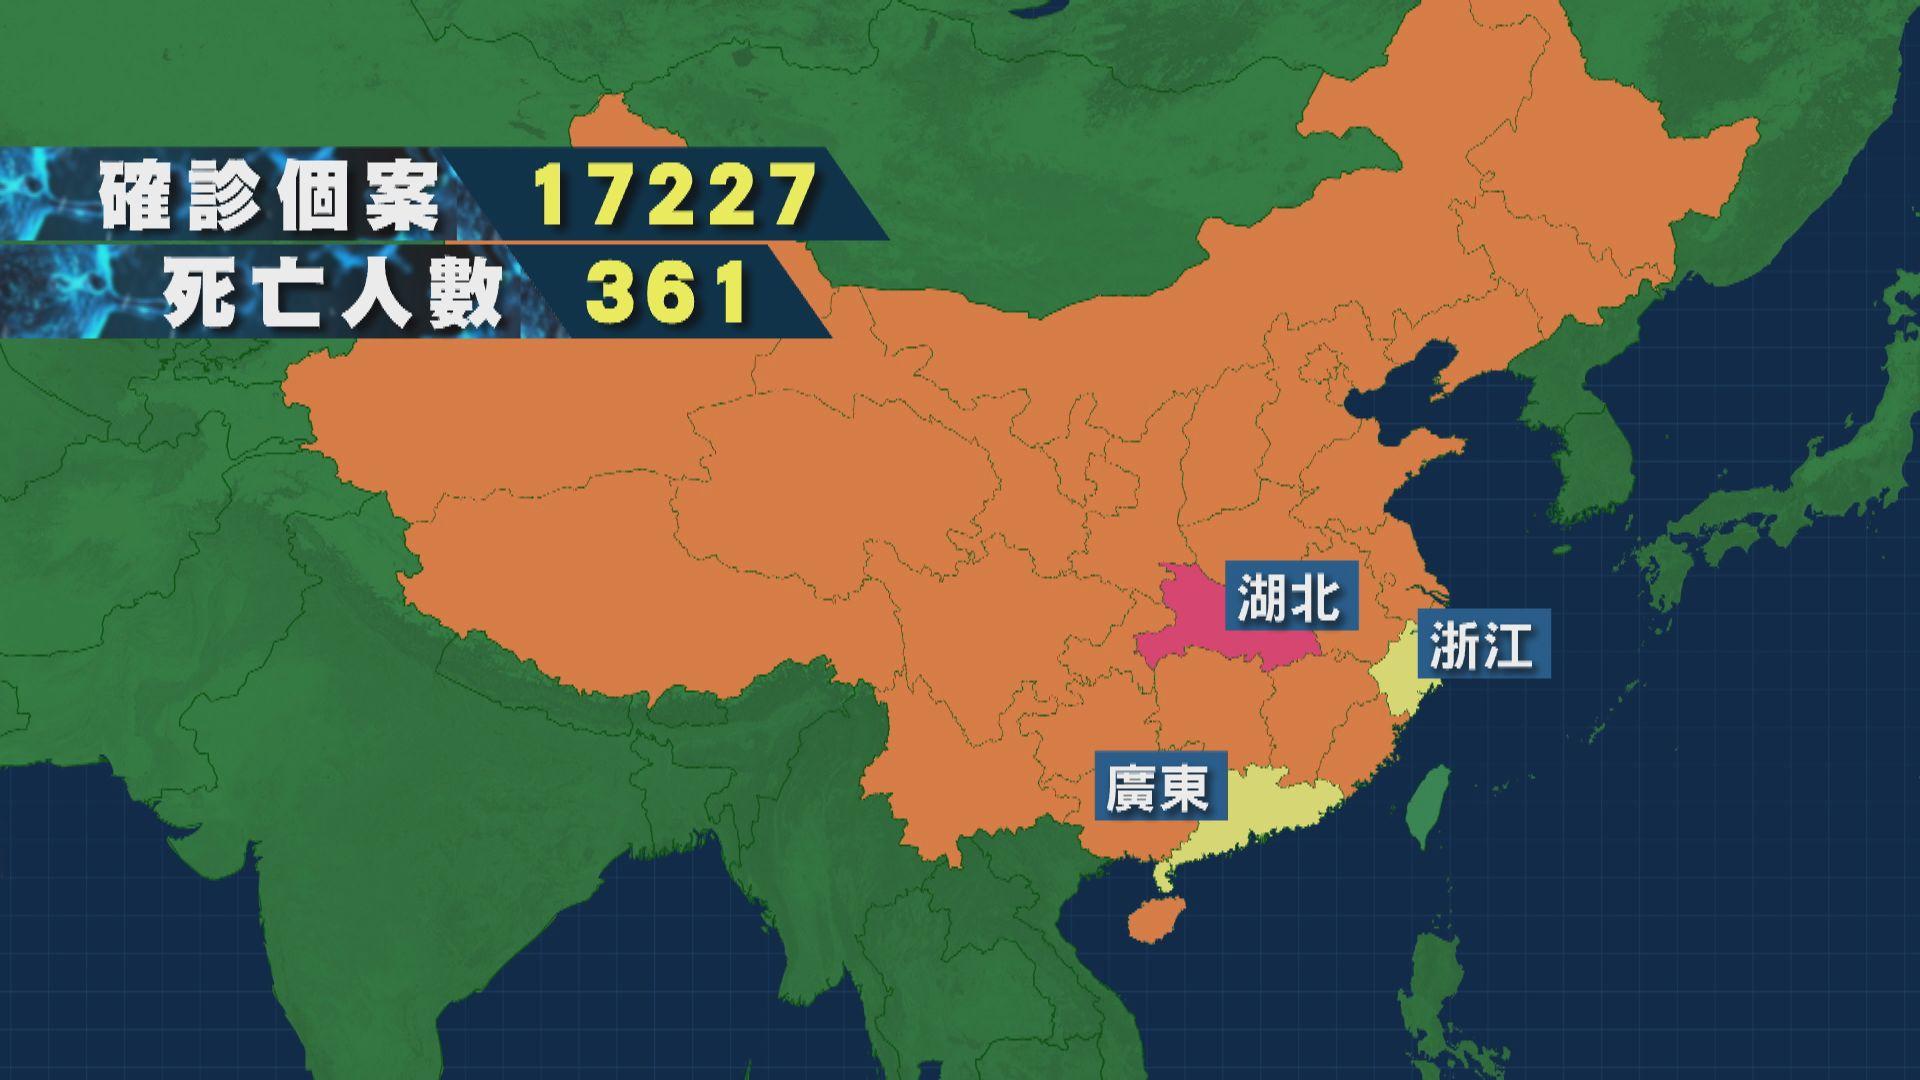 內地累積17227宗新型冠狀病毒病例 361人死亡